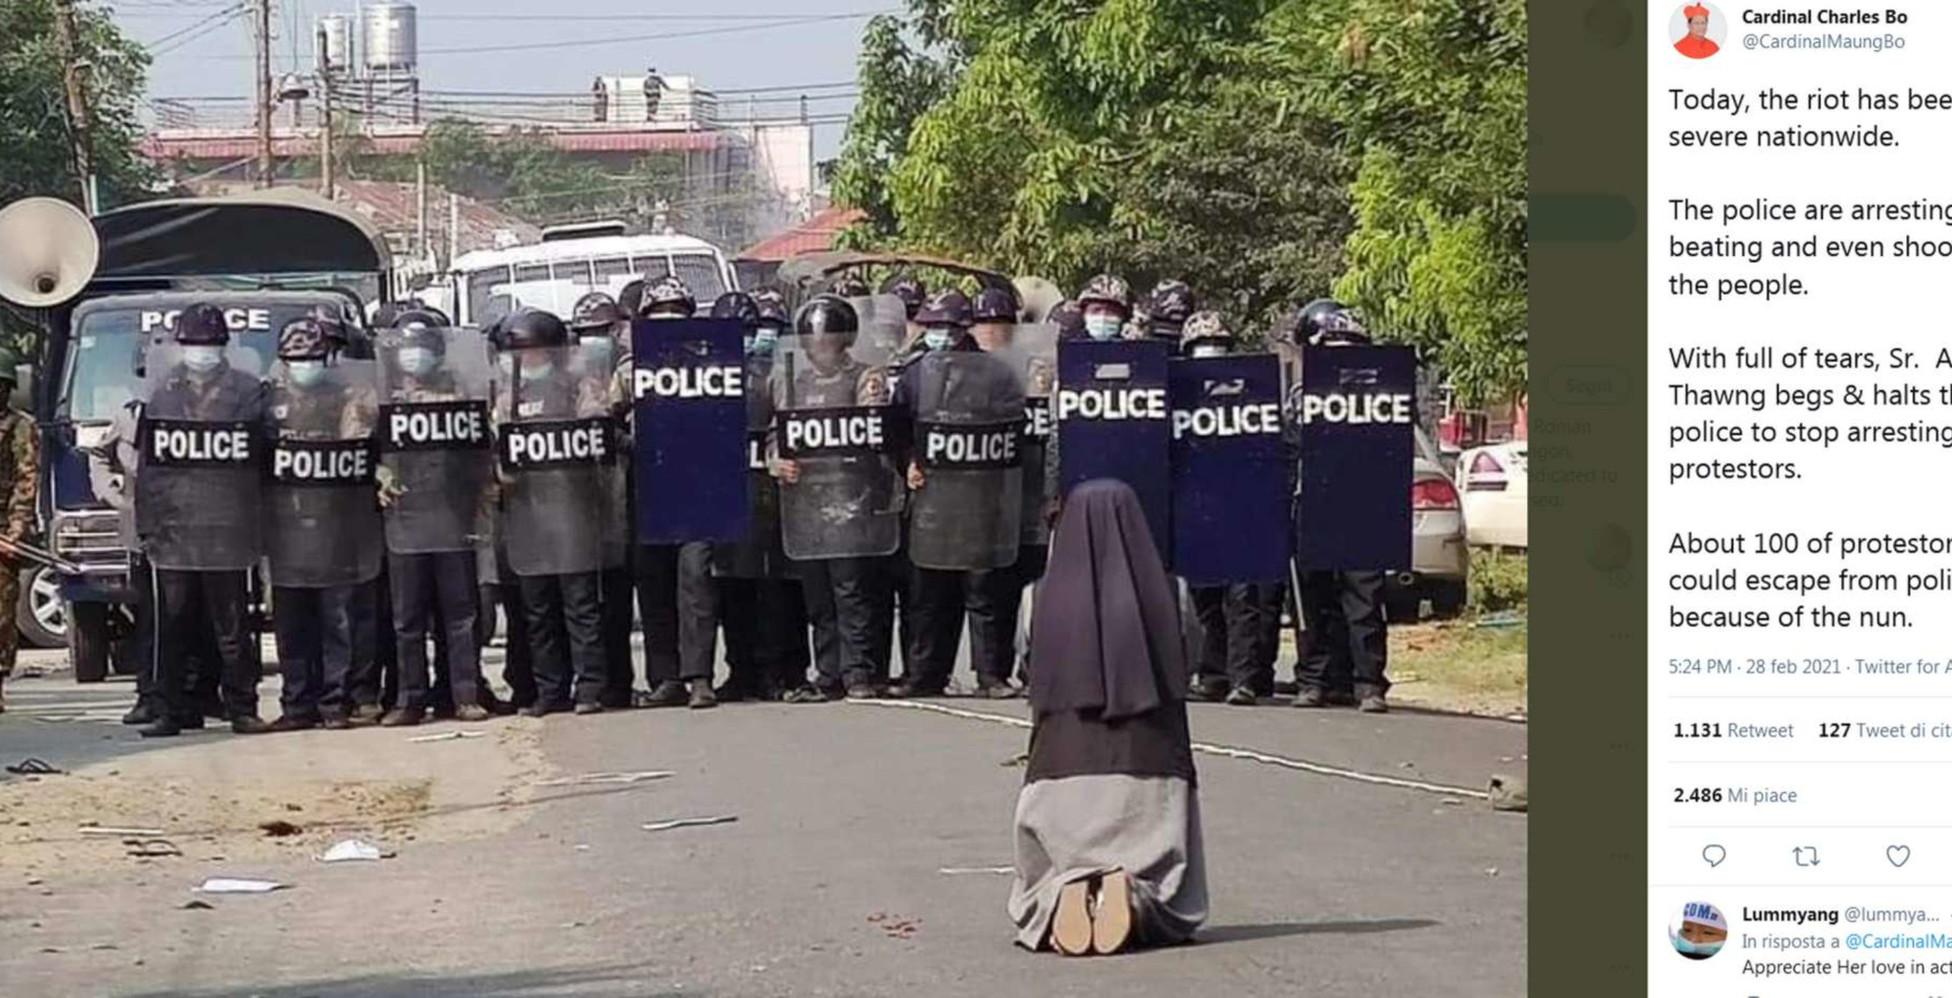 Violenze in Myanmar, la suora in ginocchio implora la polizia di non sparare: la foto fa il giro del mondo